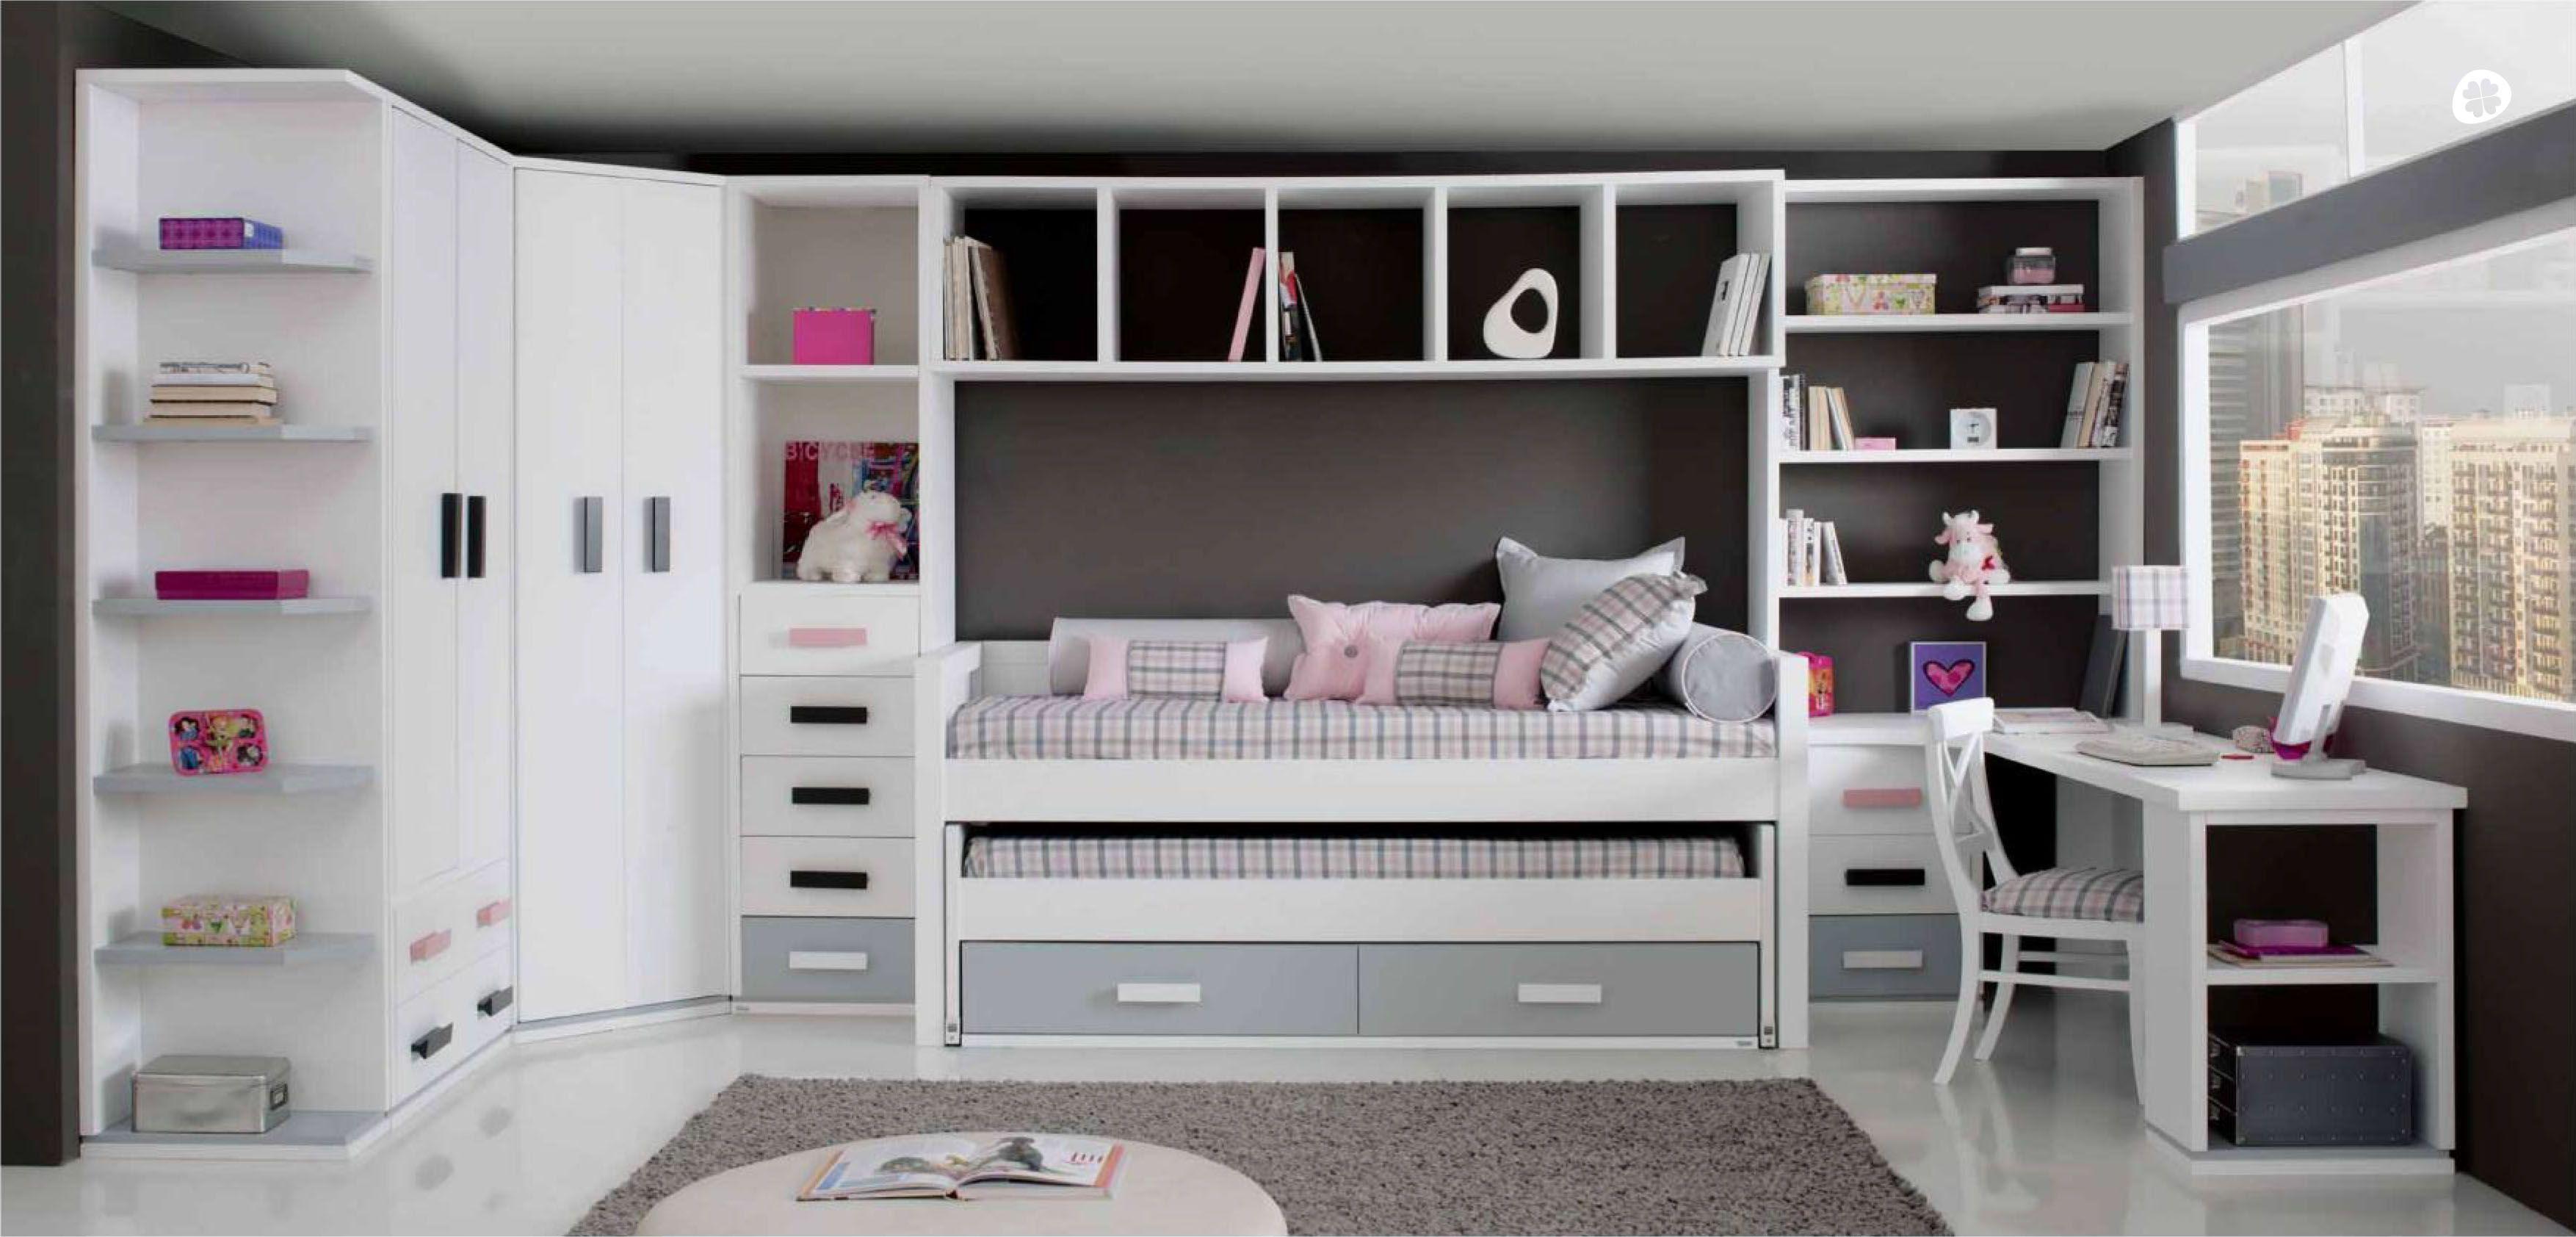 Dormitorio completo para niños. De Trébol. Escritorio y muebles ...